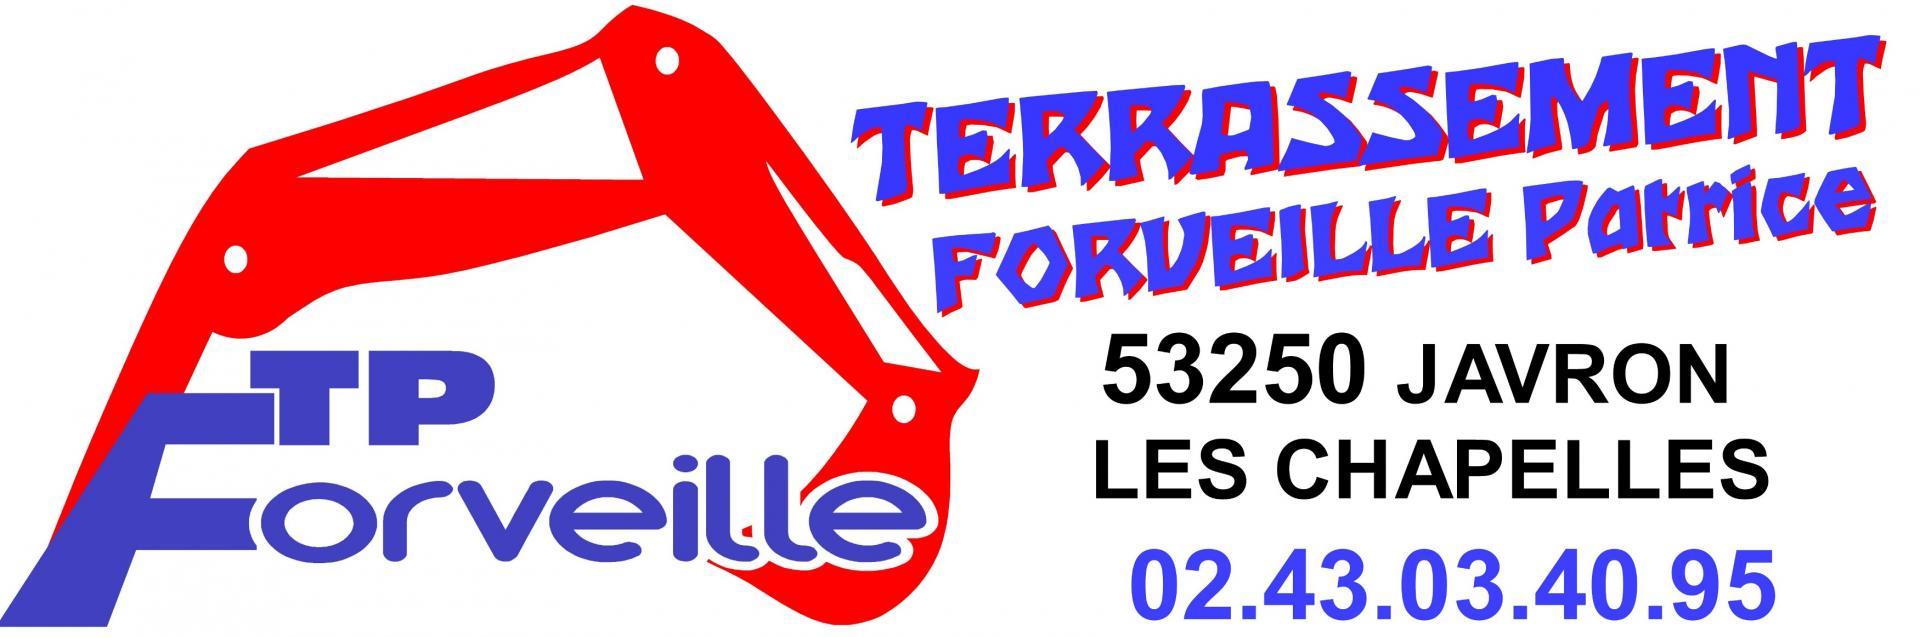 Terrassement FORVEILLE Patrice